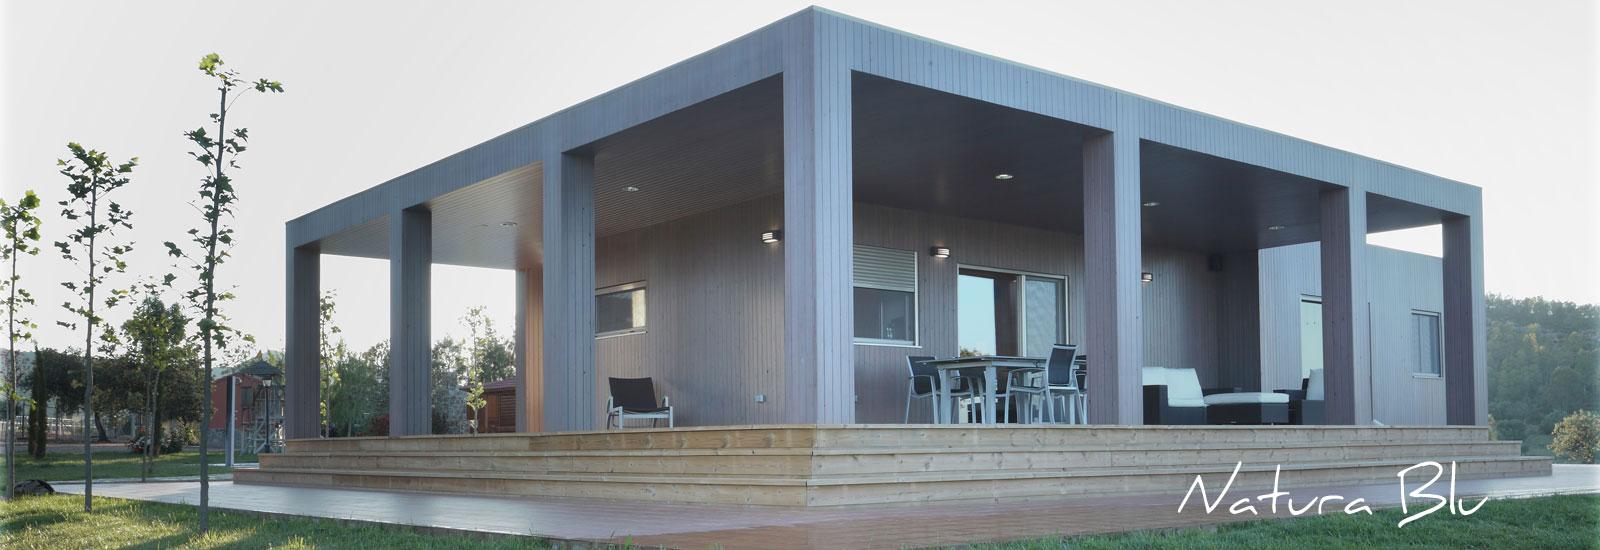 casas-modulares-1600×65003